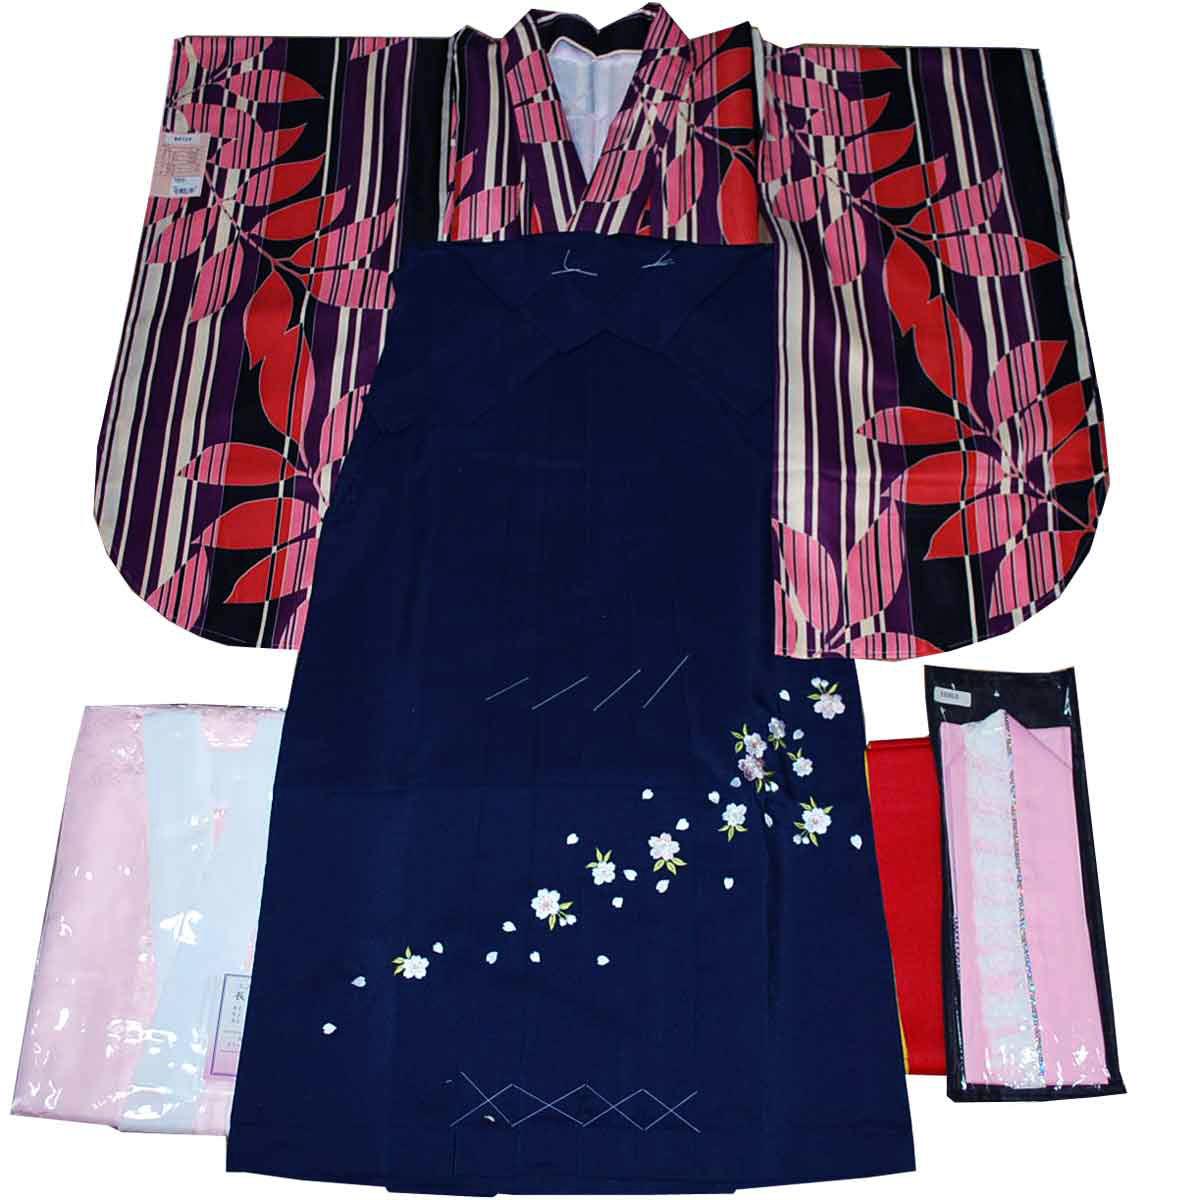 卒業式 着物 袴 5点 セット 二尺袖 長襦袢 袴 重ね衿 袴下帯 縦縞 花柄 黒×紺